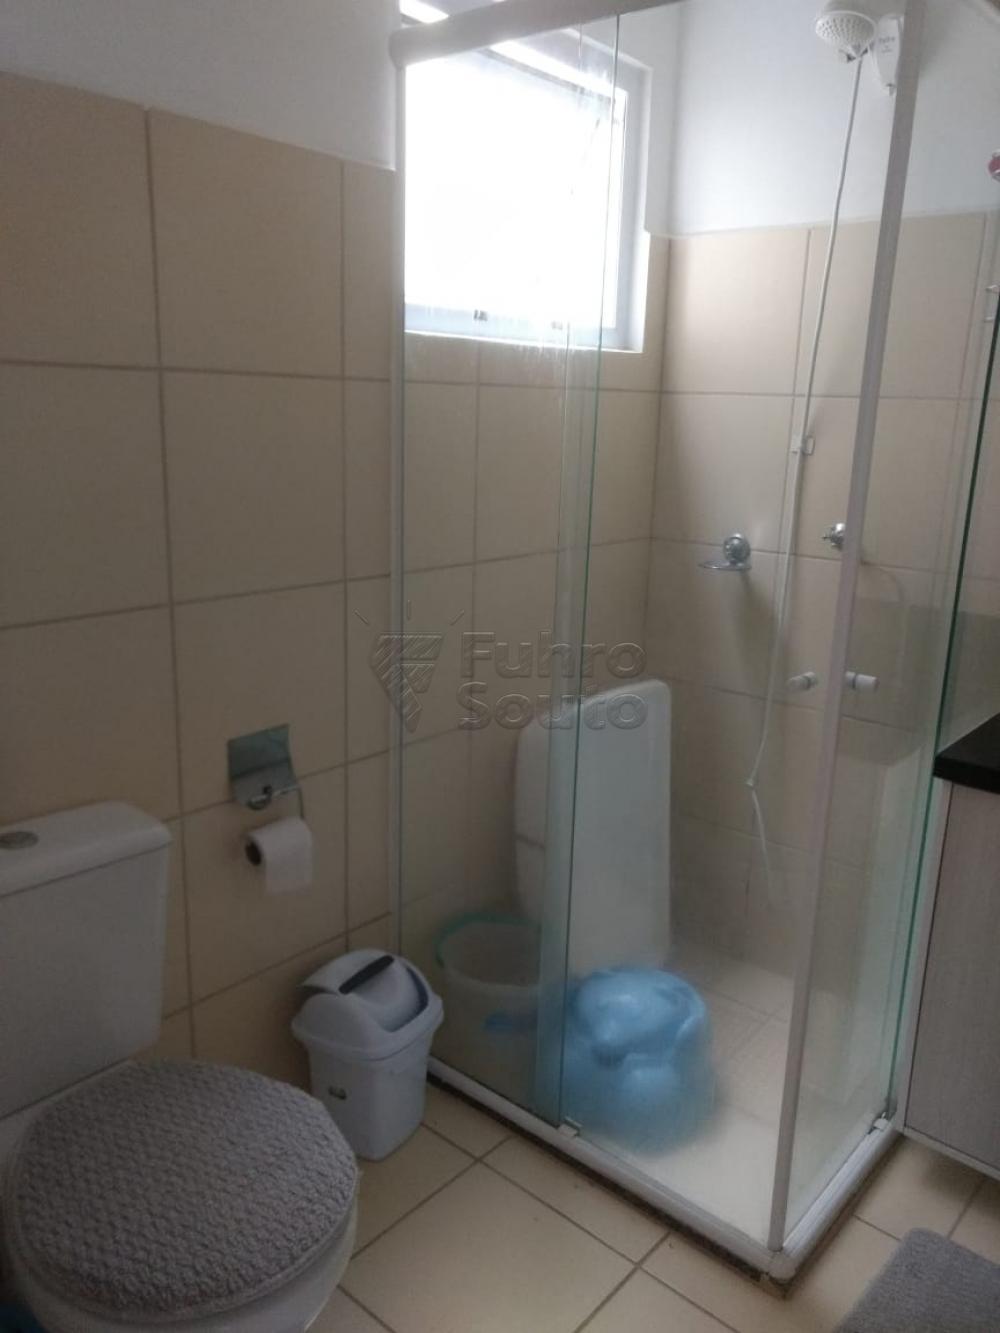 Comprar Apartamento / Padrão em Pelotas R$ 130.000,00 - Foto 17